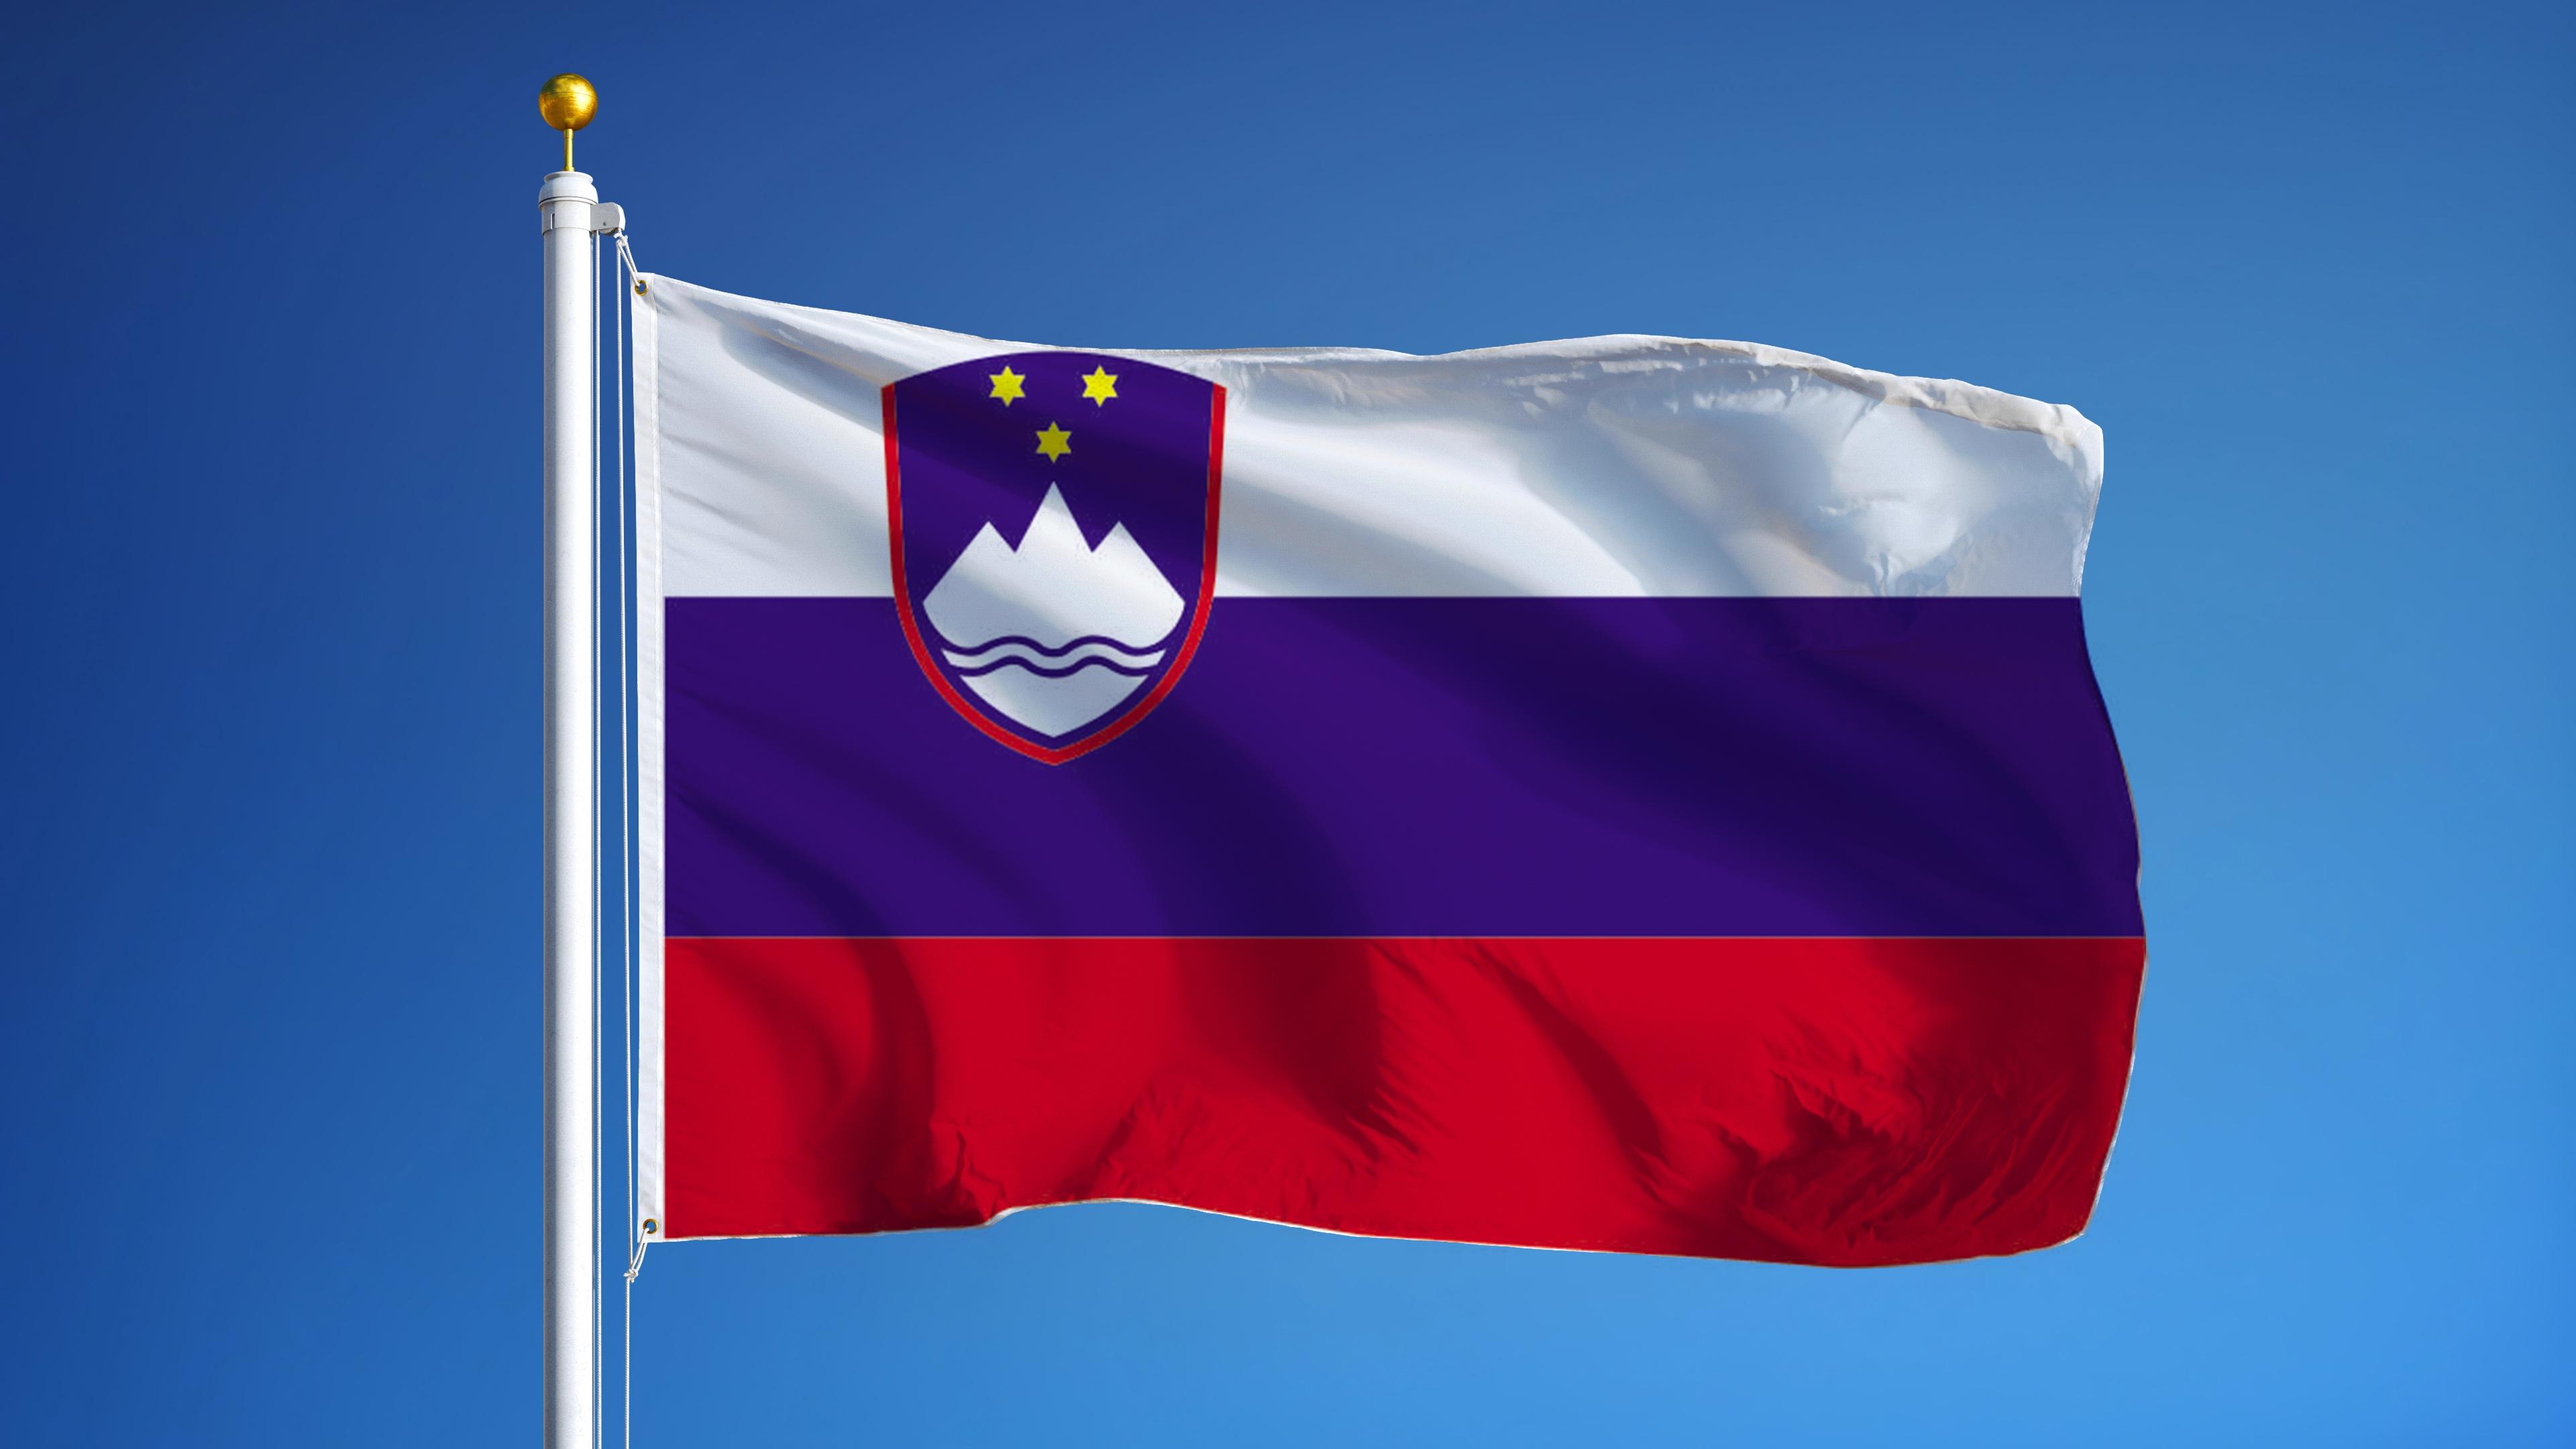 Slovenya'nın Başkenti ve Para Birimi Nedir? Slovenya'nın Bayrağı Nasıldır?